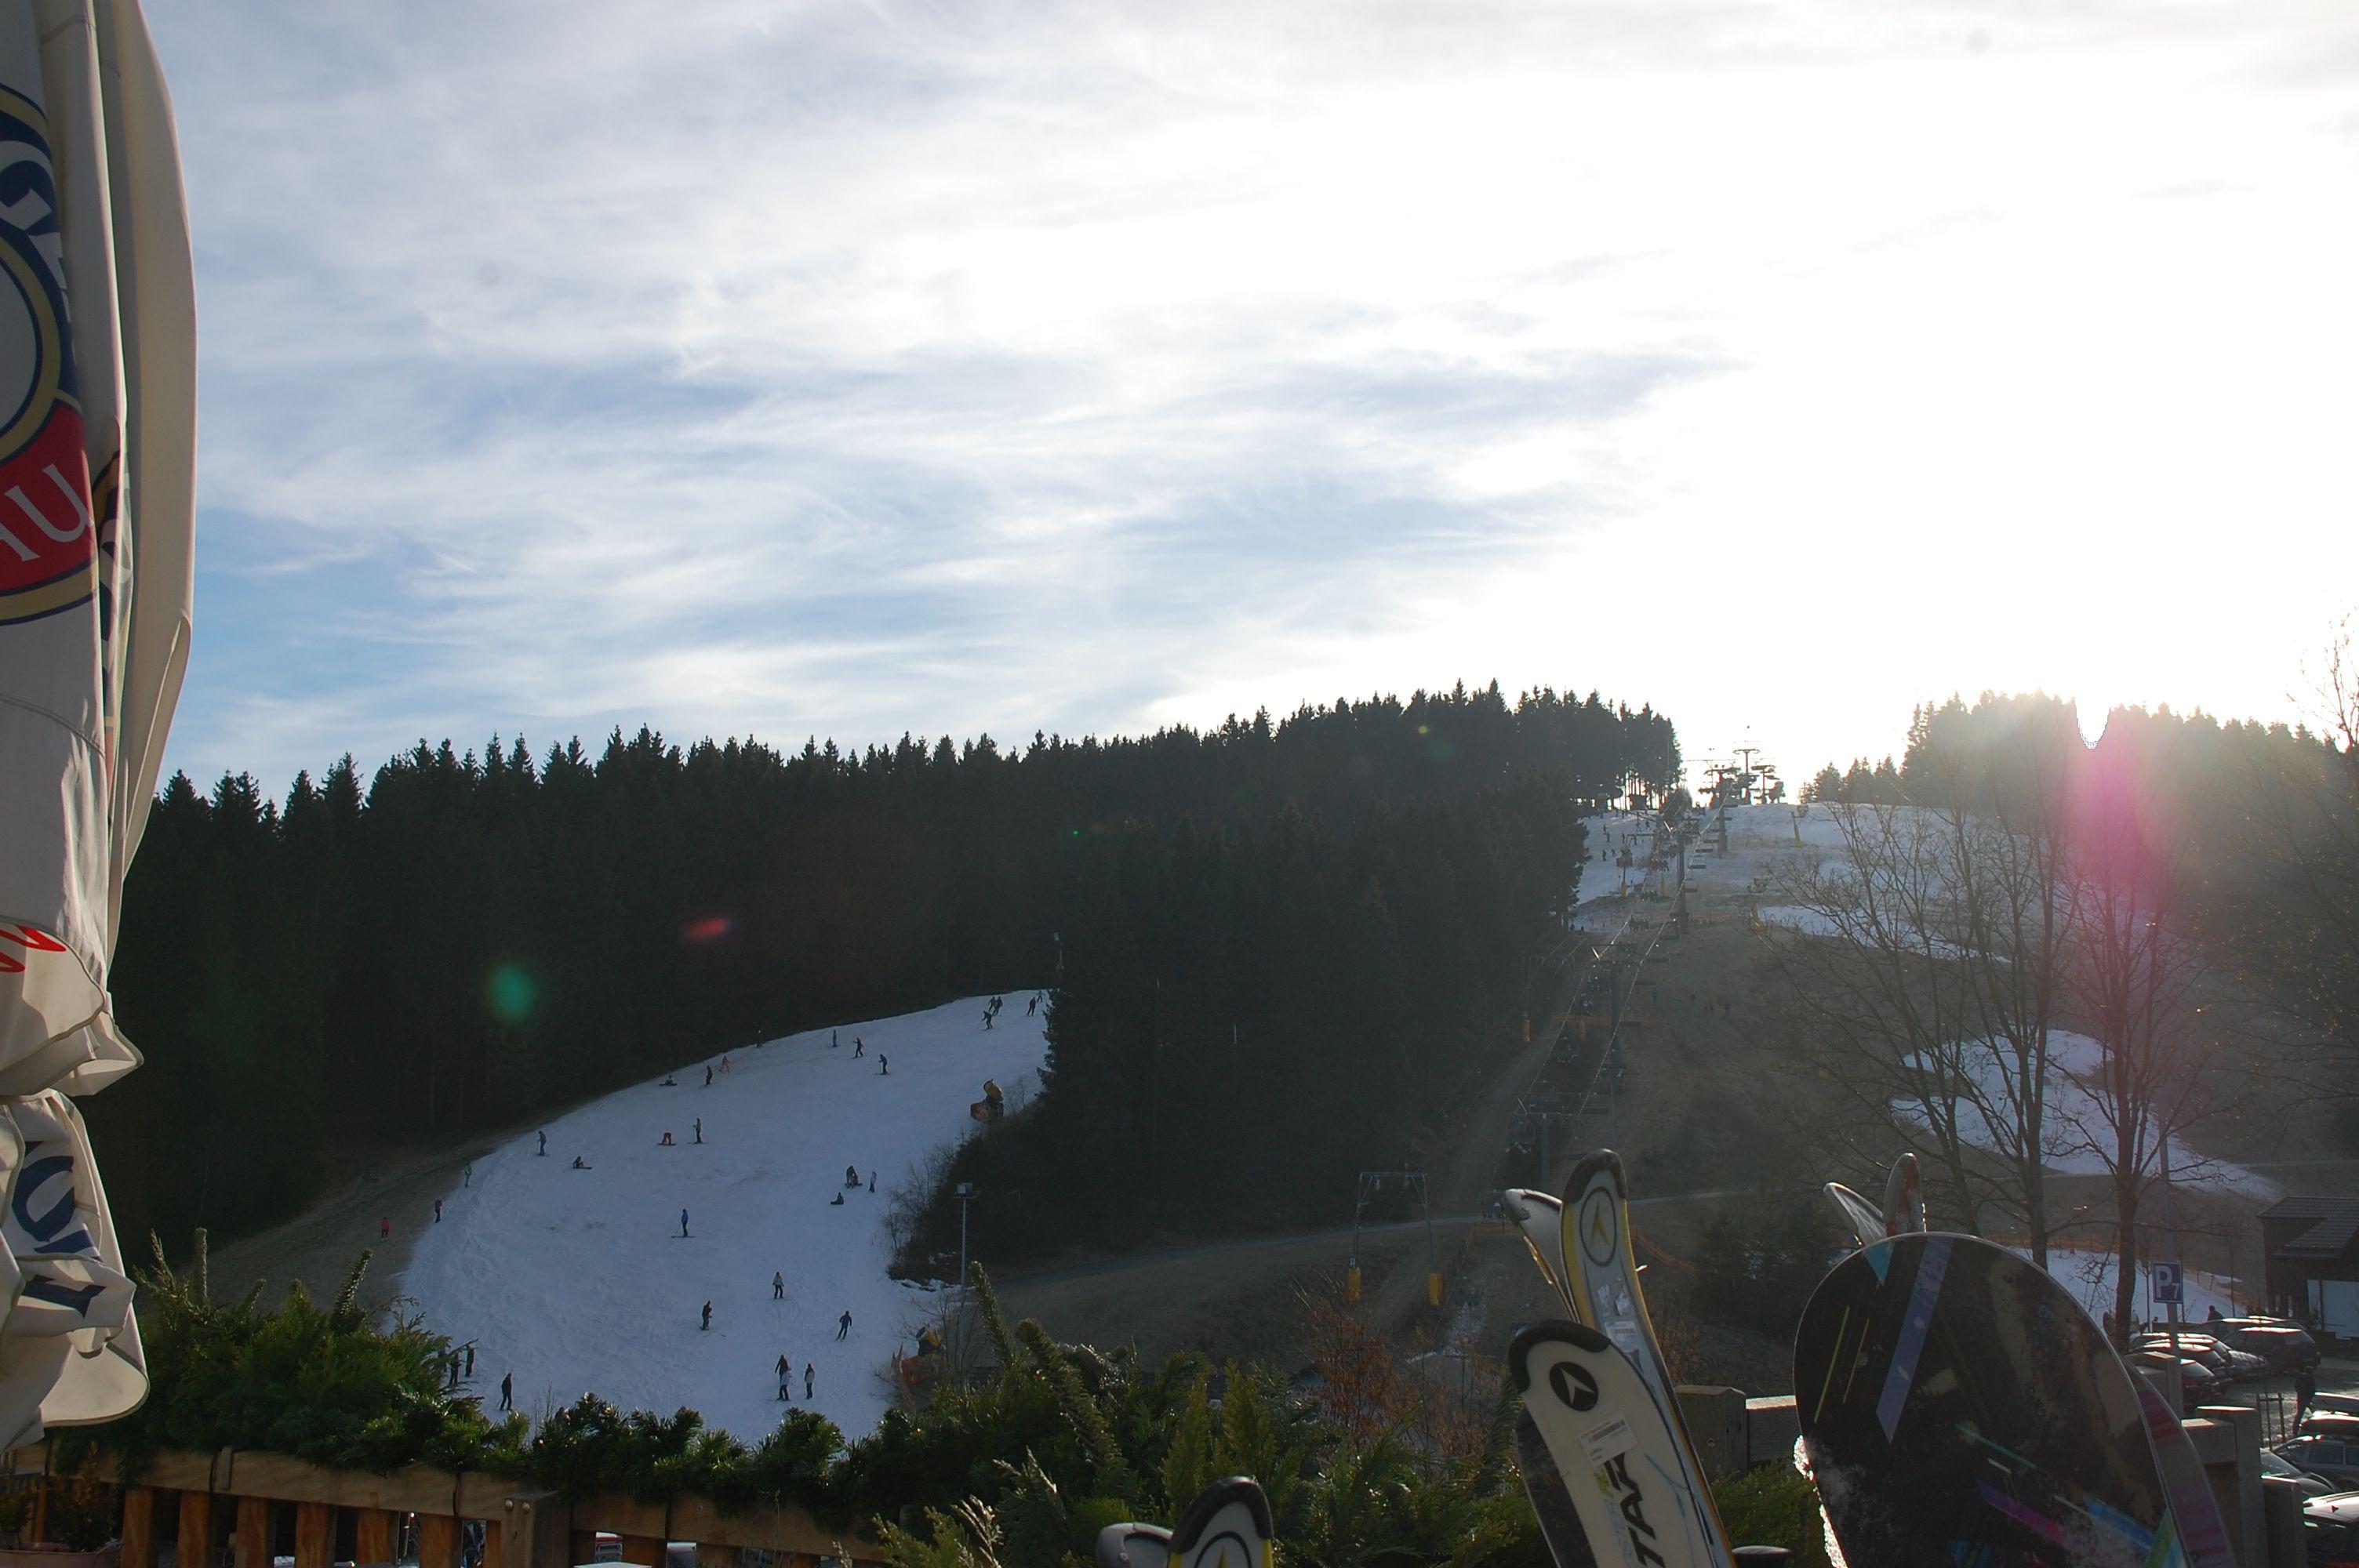 Aan de ene kant van de berg sneeuw... 31/12/2013